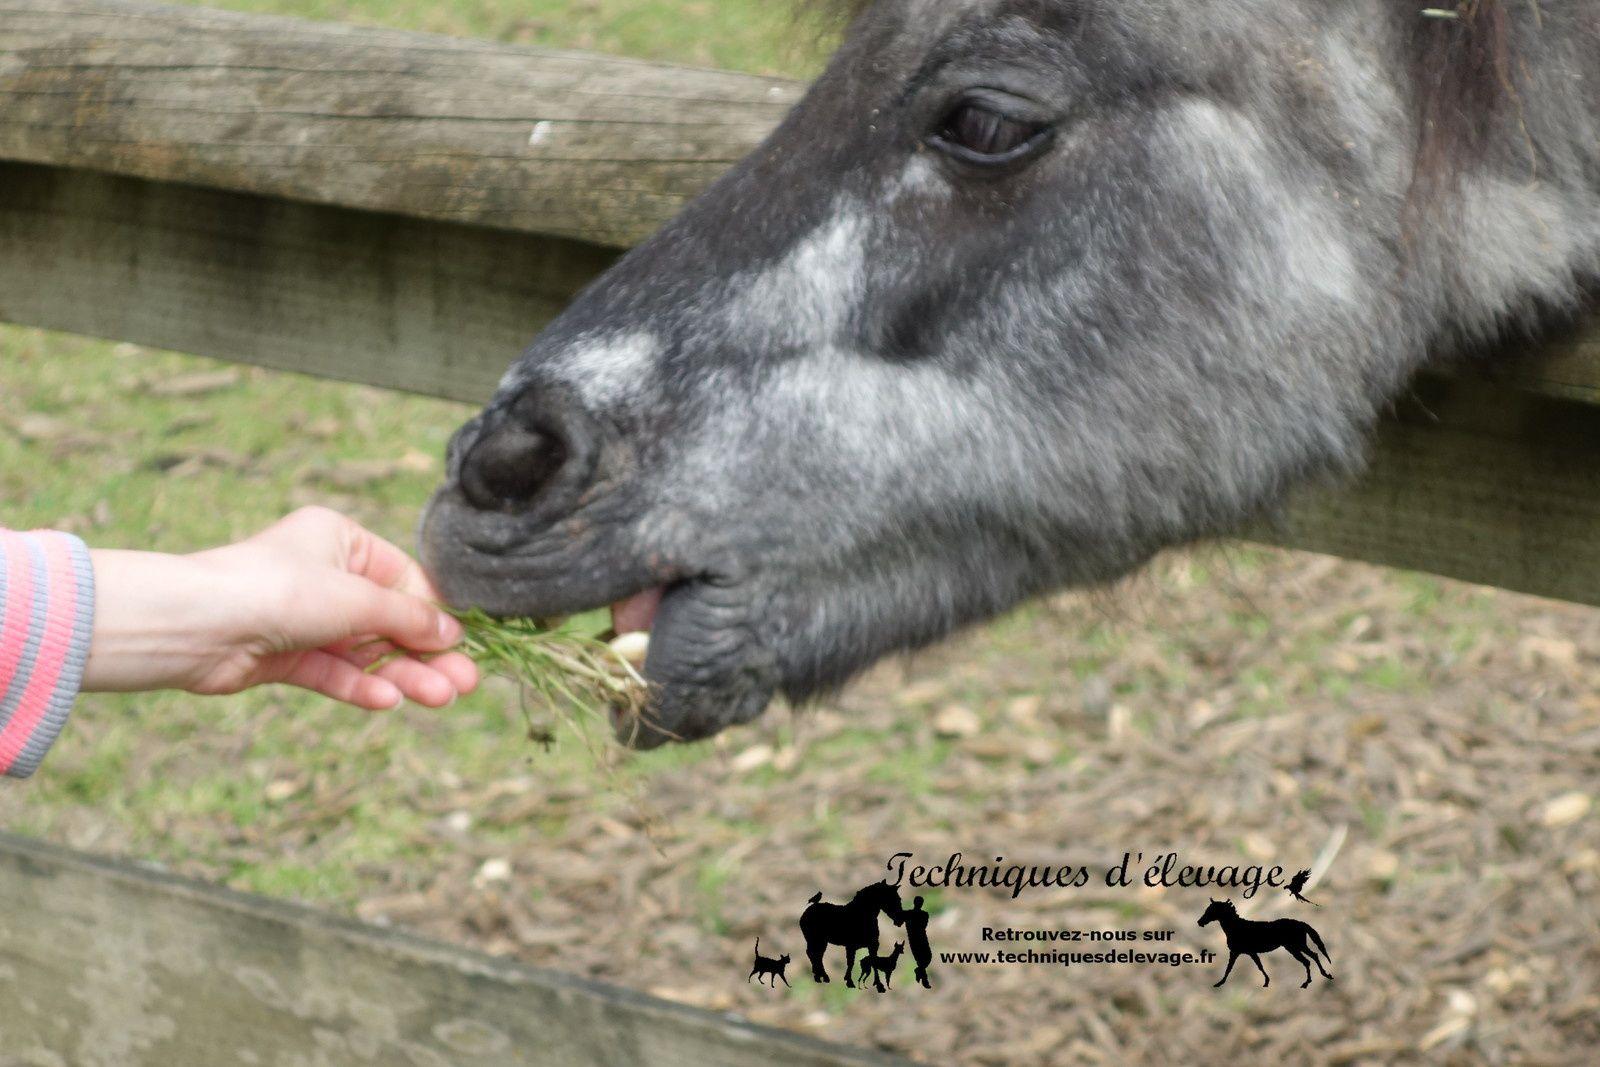 L'enfant et le poney. Techniques d'élevage. Tous droits réservés